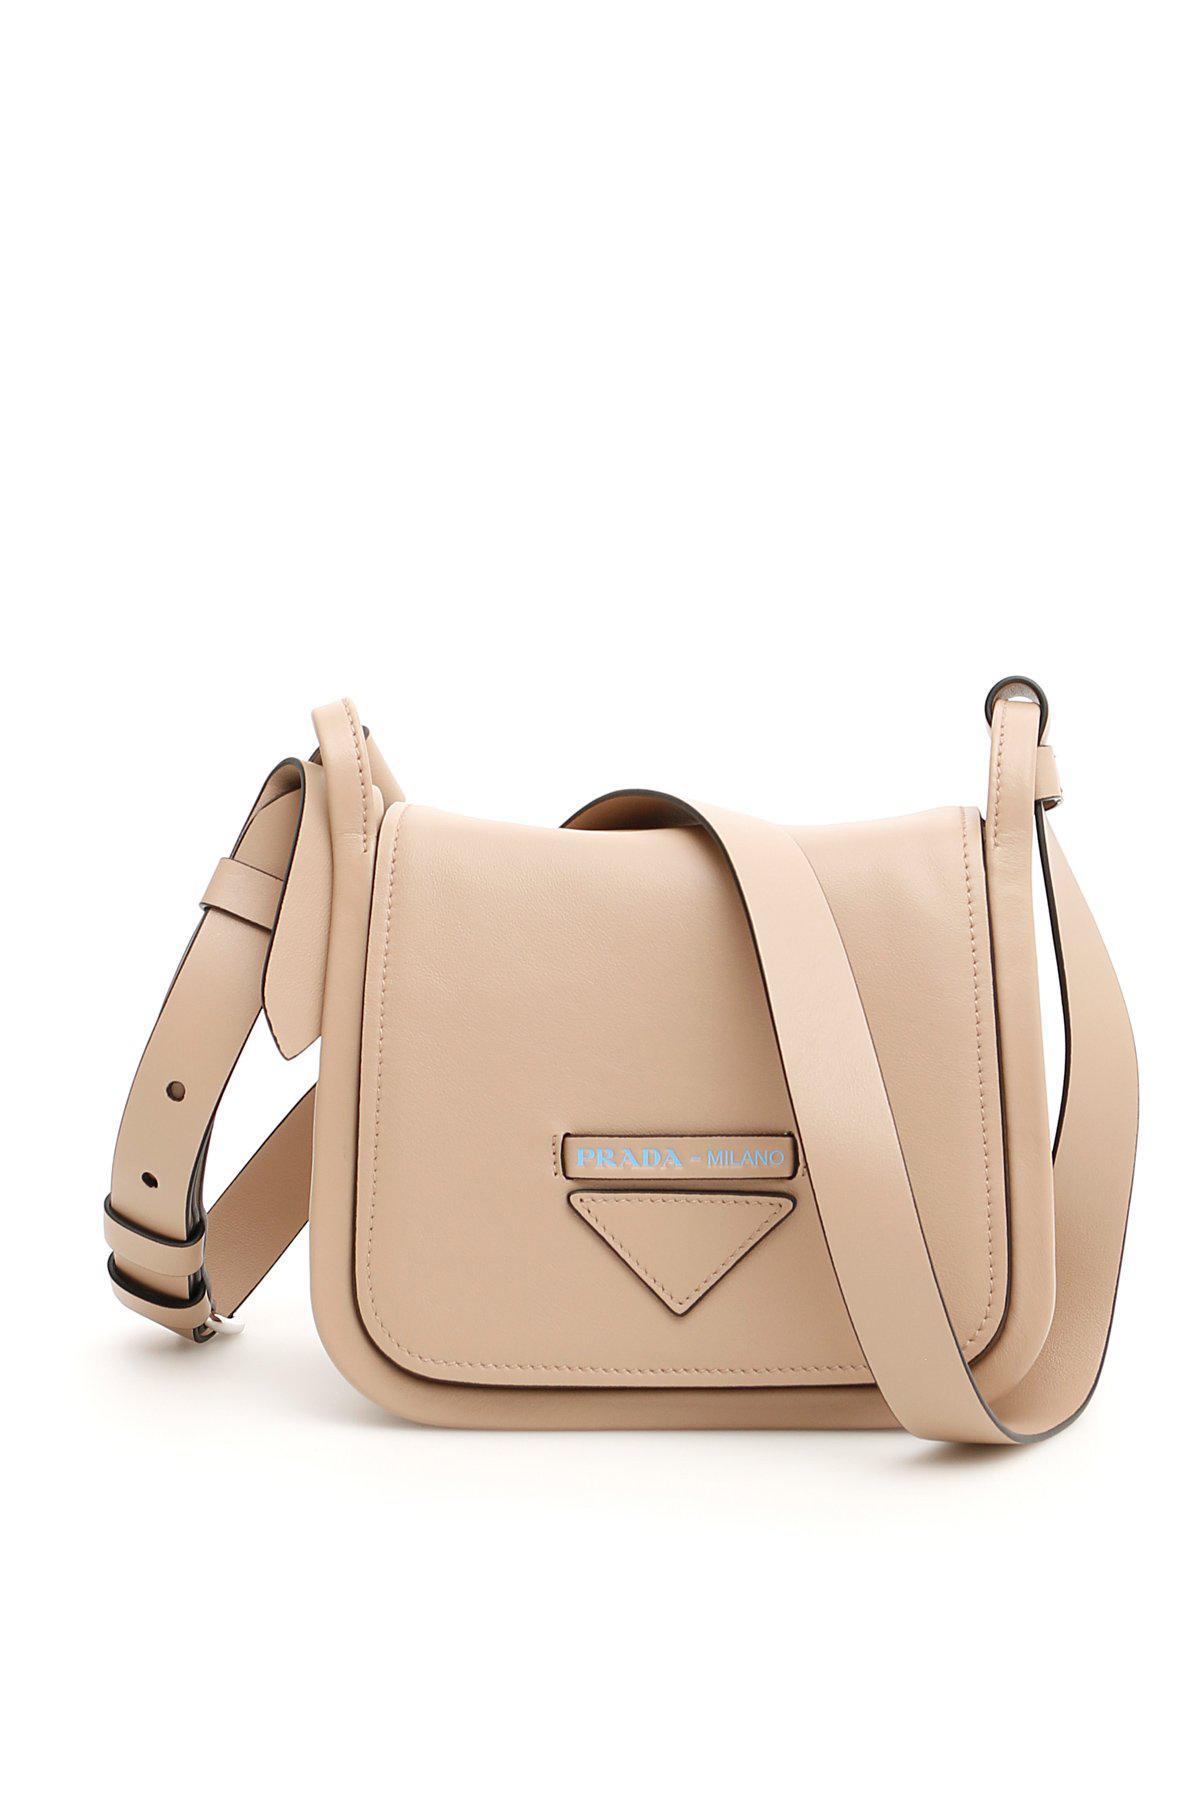 Lyst - Prada Concept Shoulder Bag in Natural 854ca43a2cb76